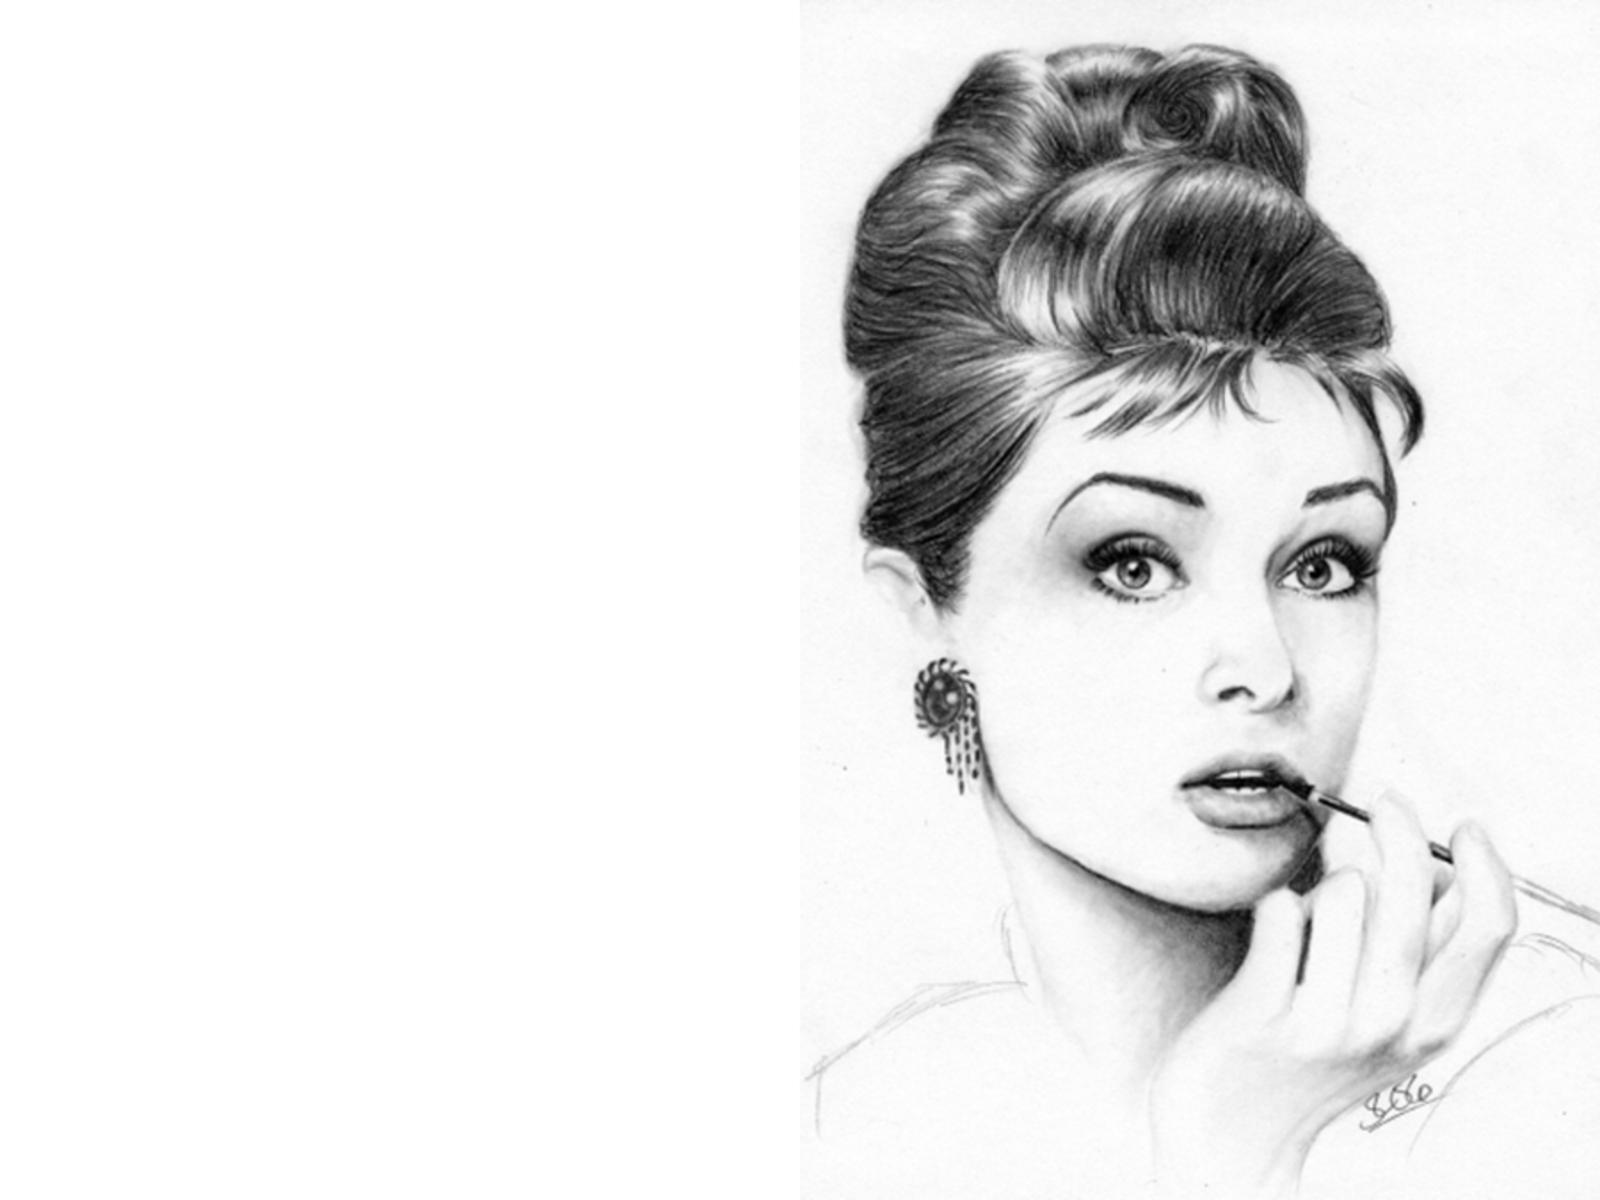 Audrey Hepburn Wallpapers Audrey Hepburn Backgrounds Audrey Hepburn 1600x1200